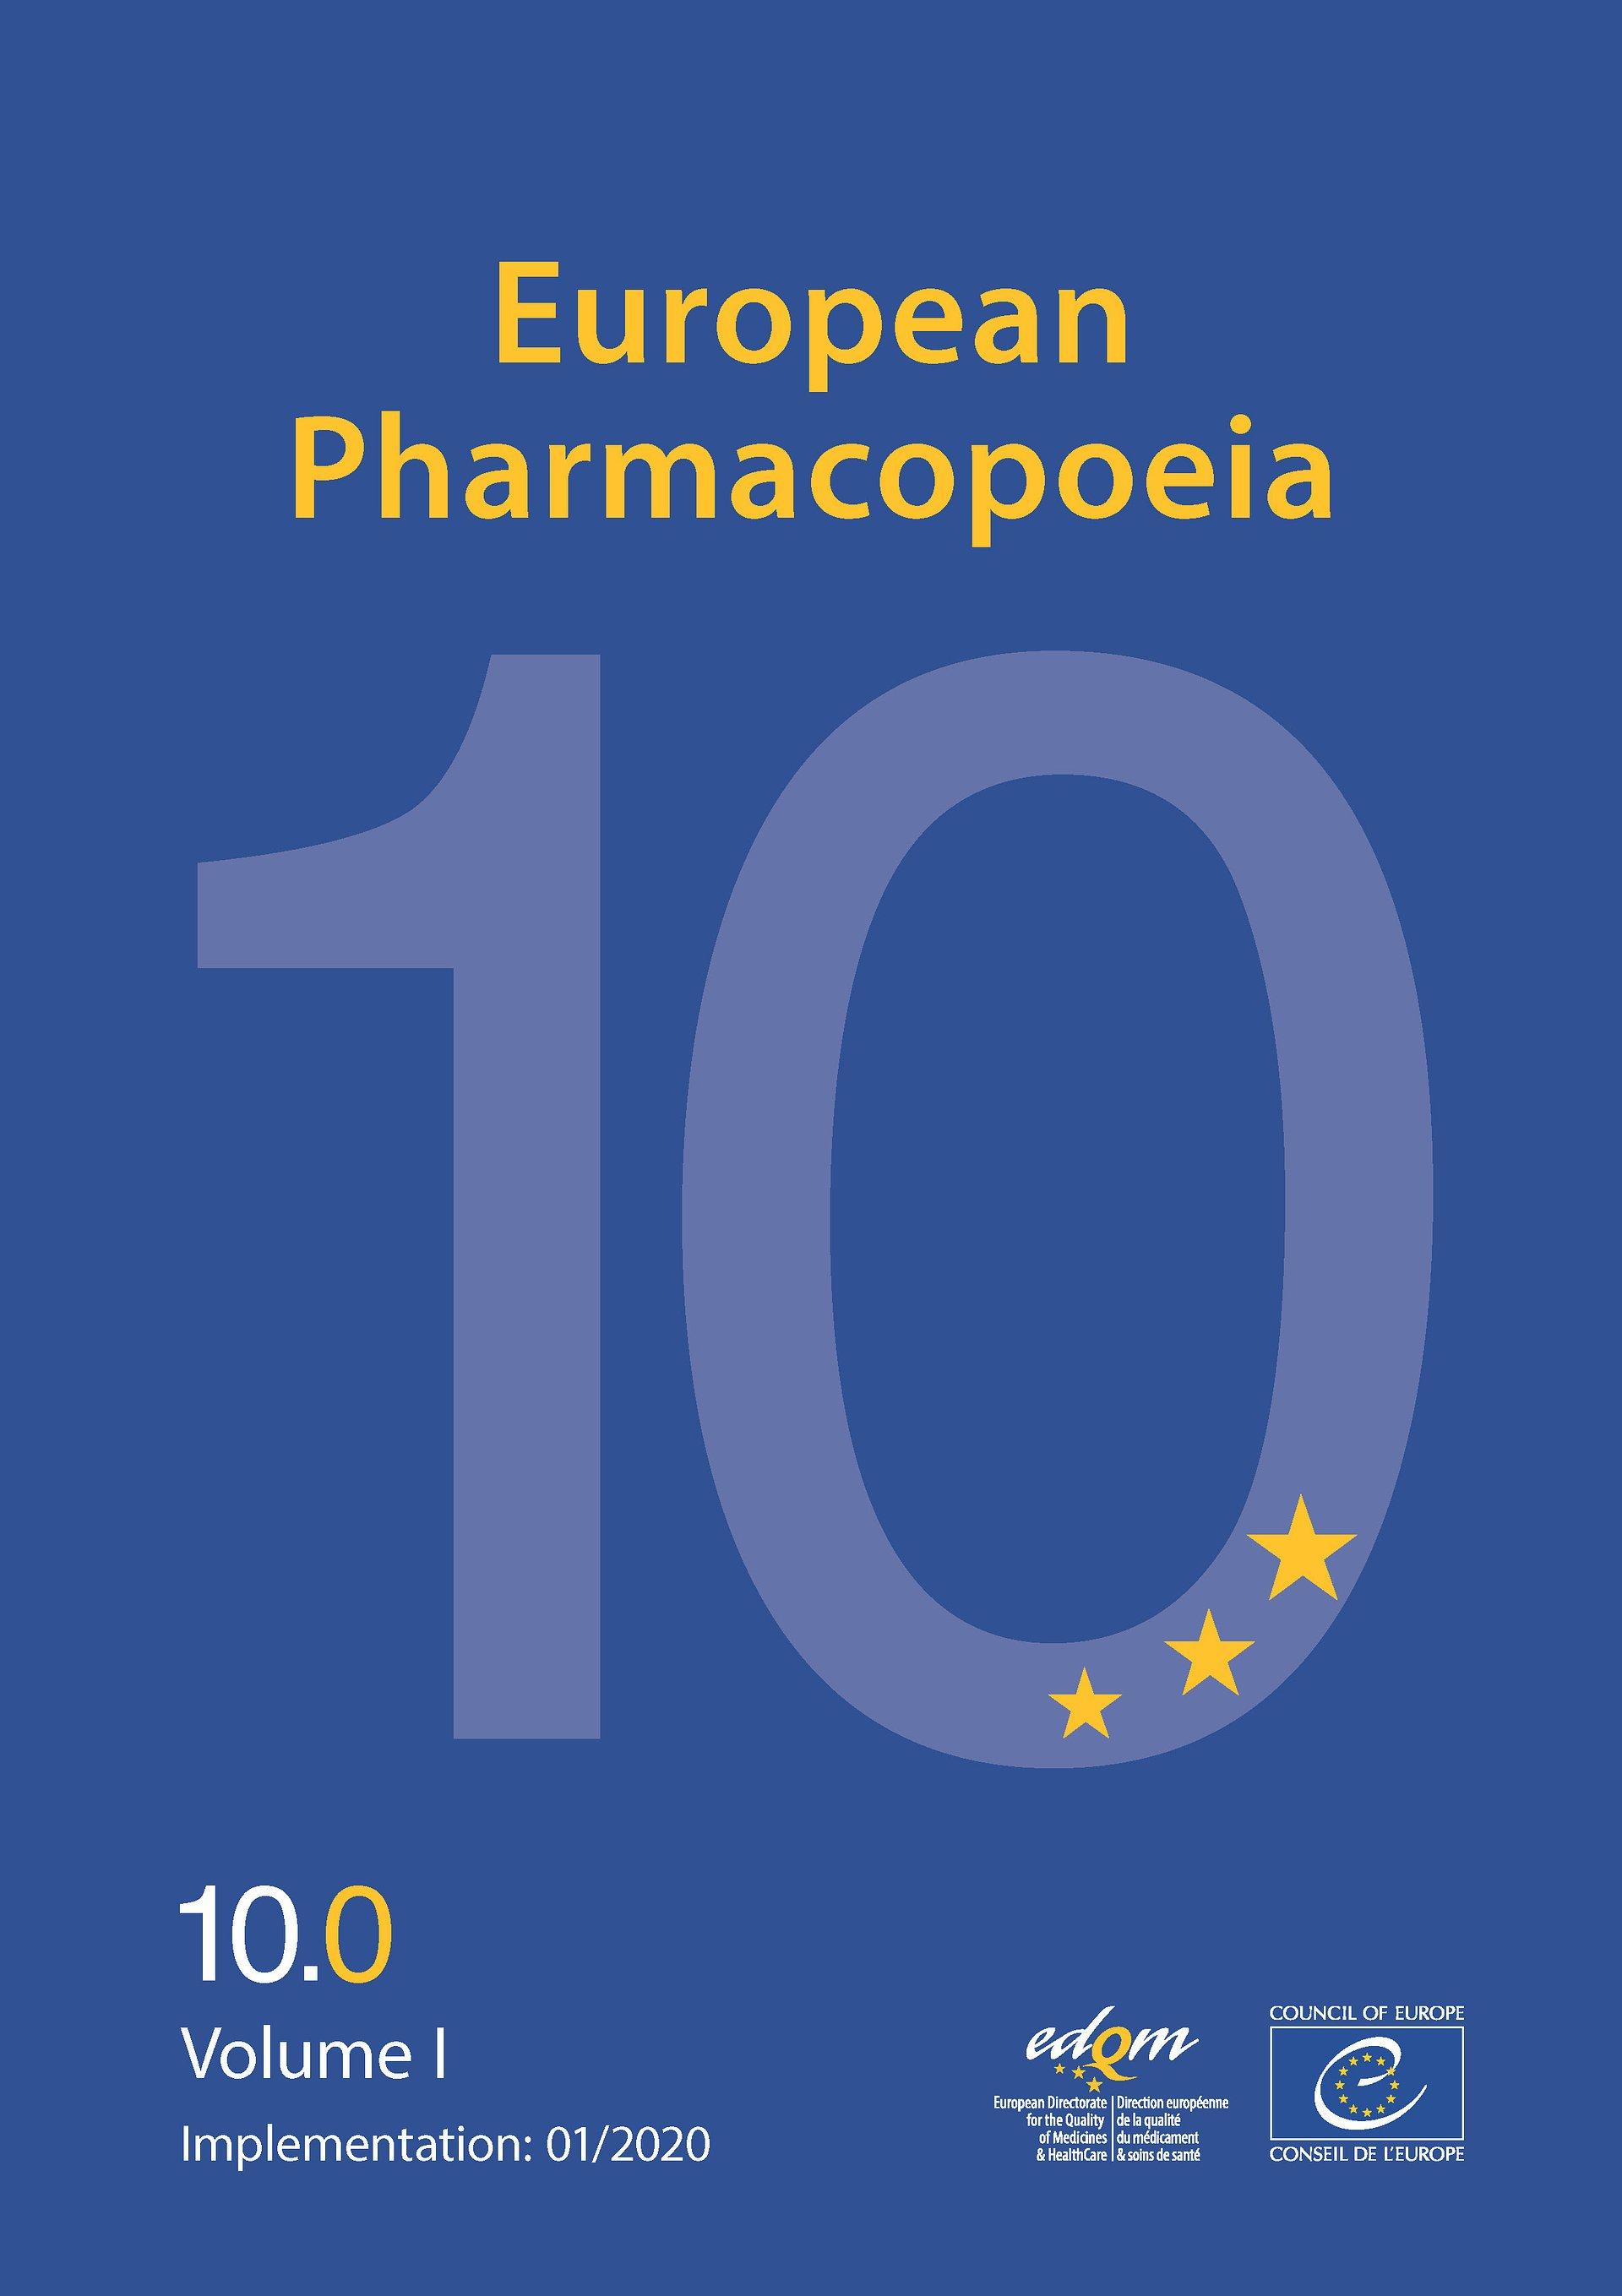 Zmiany w Farmakopei Europejskiej - suplement 10.5